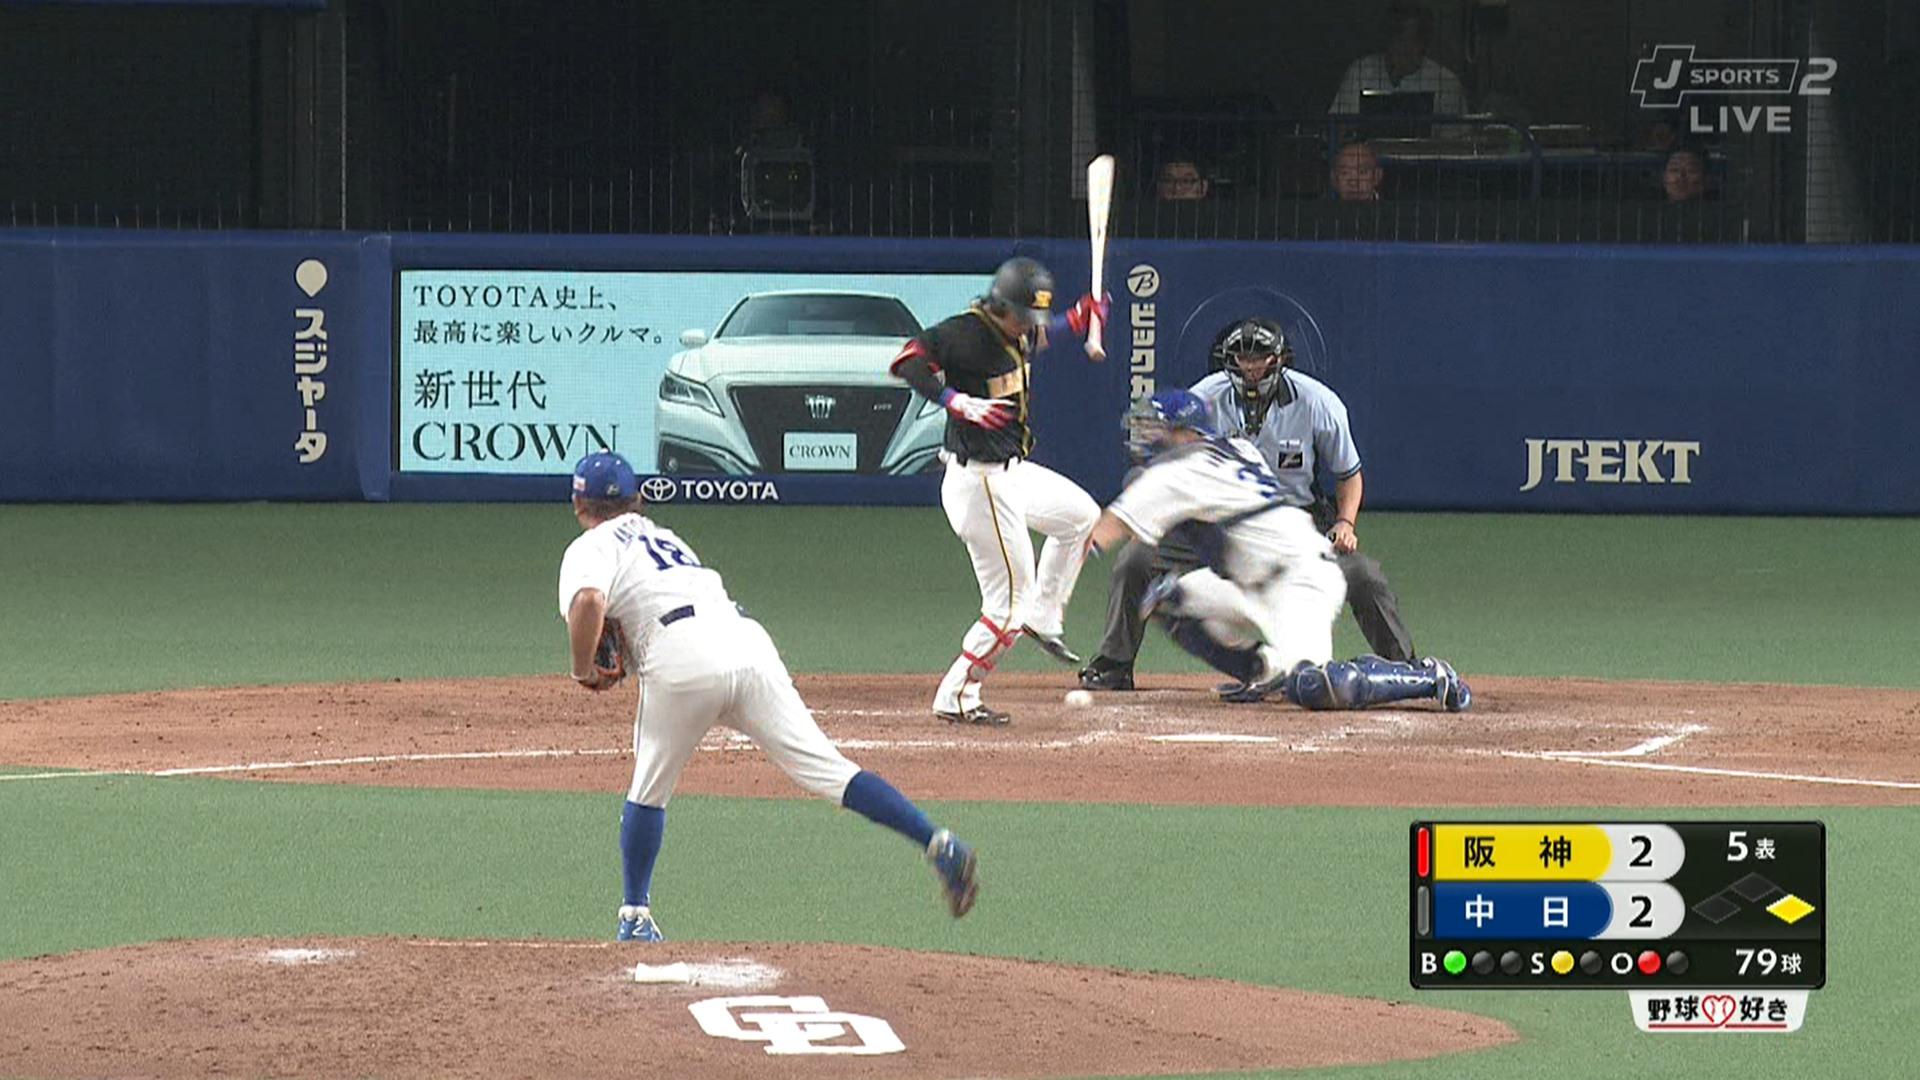 松坂、左打者の足元に2者連続死球 逆藤浪やんw